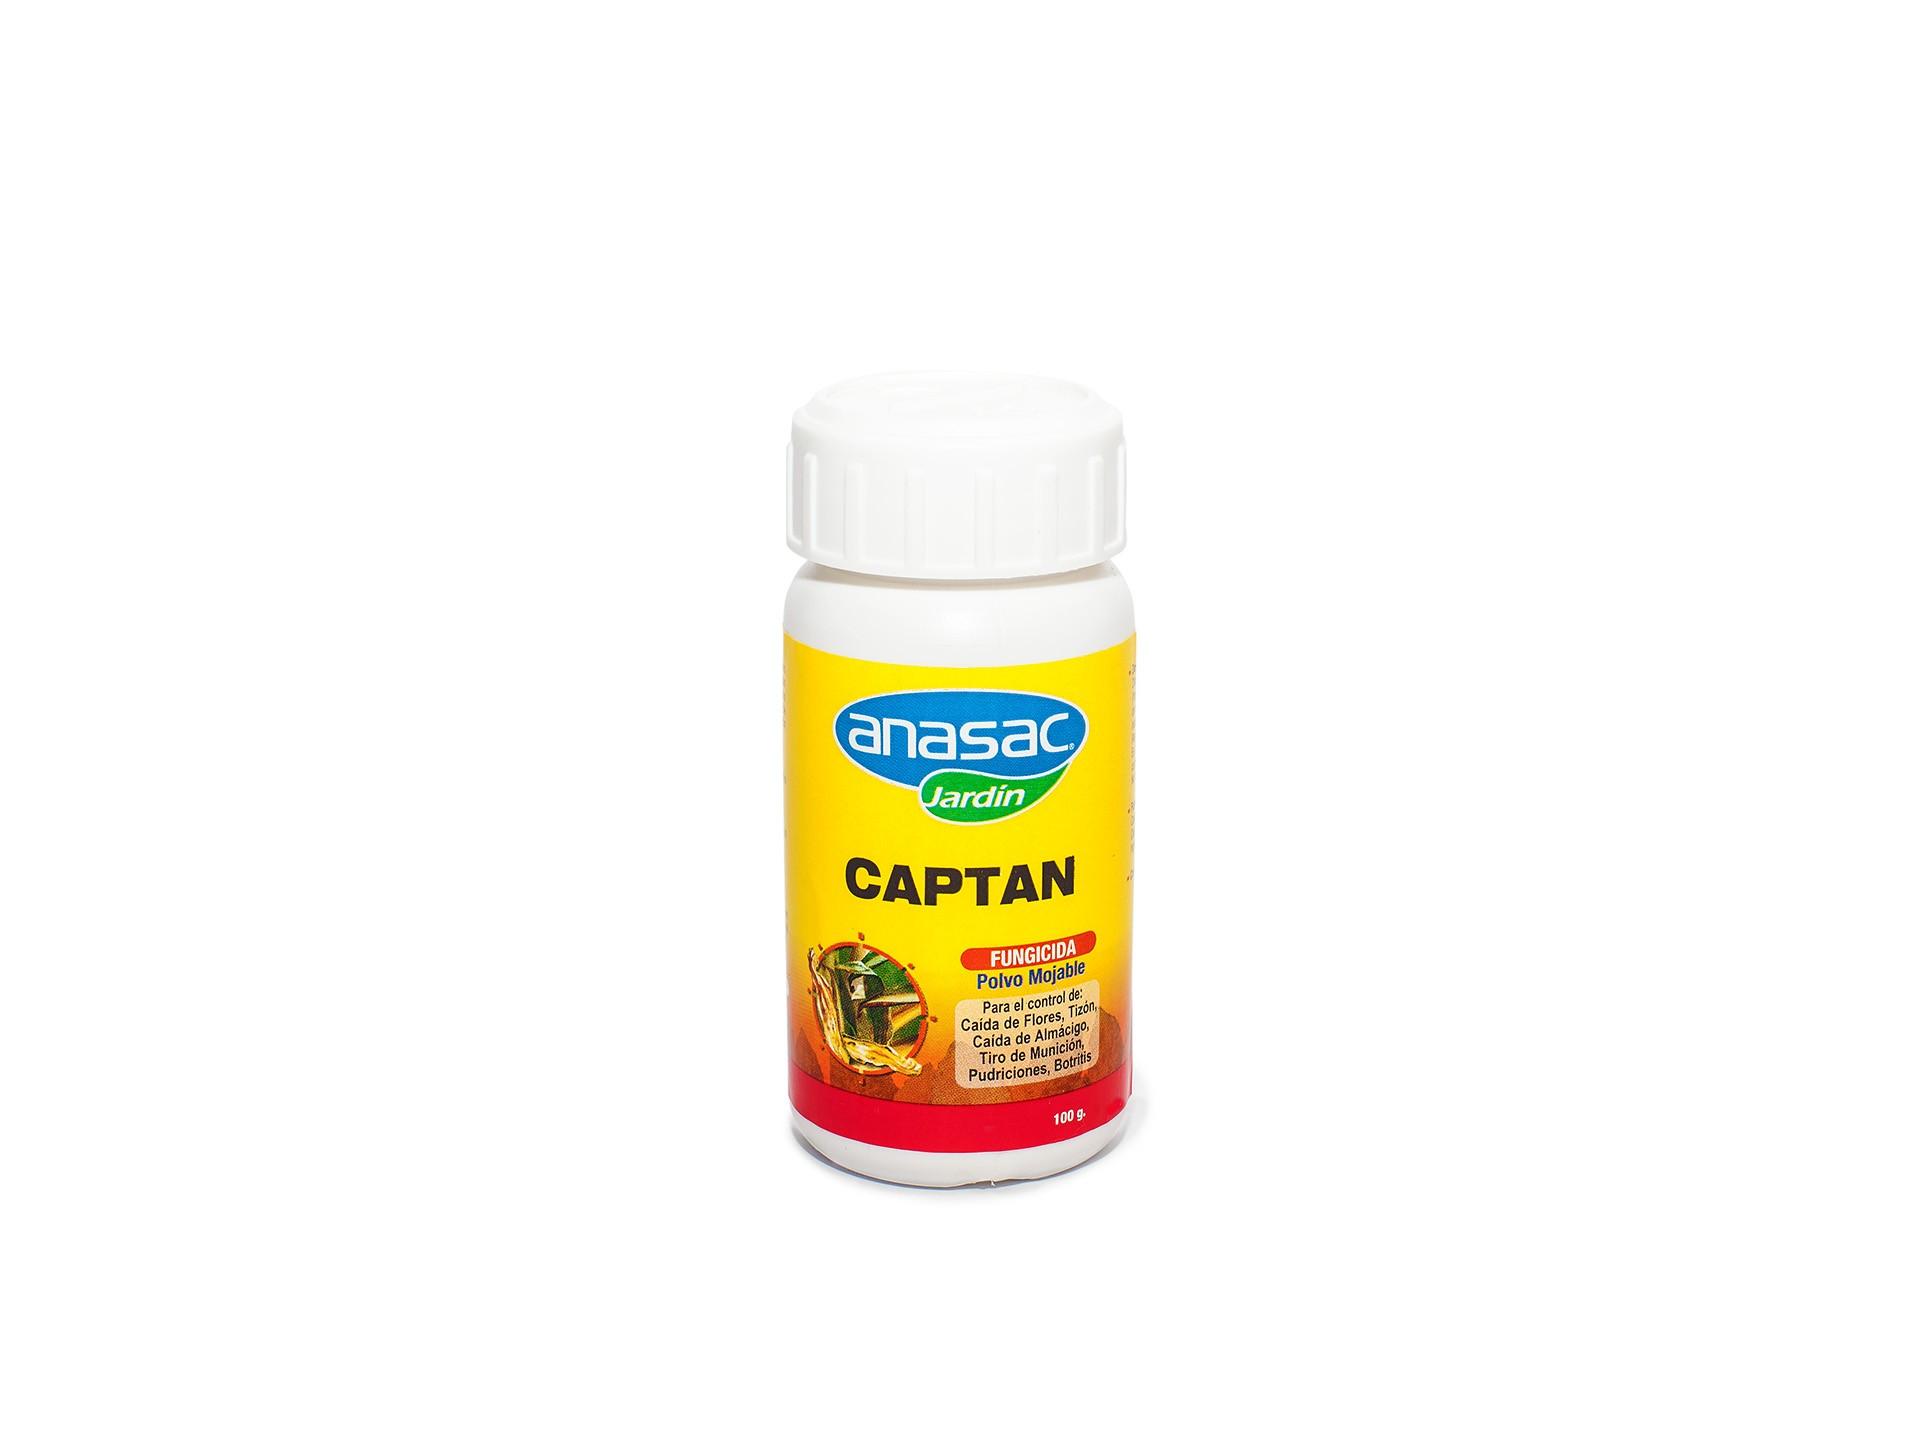 Captan 100g